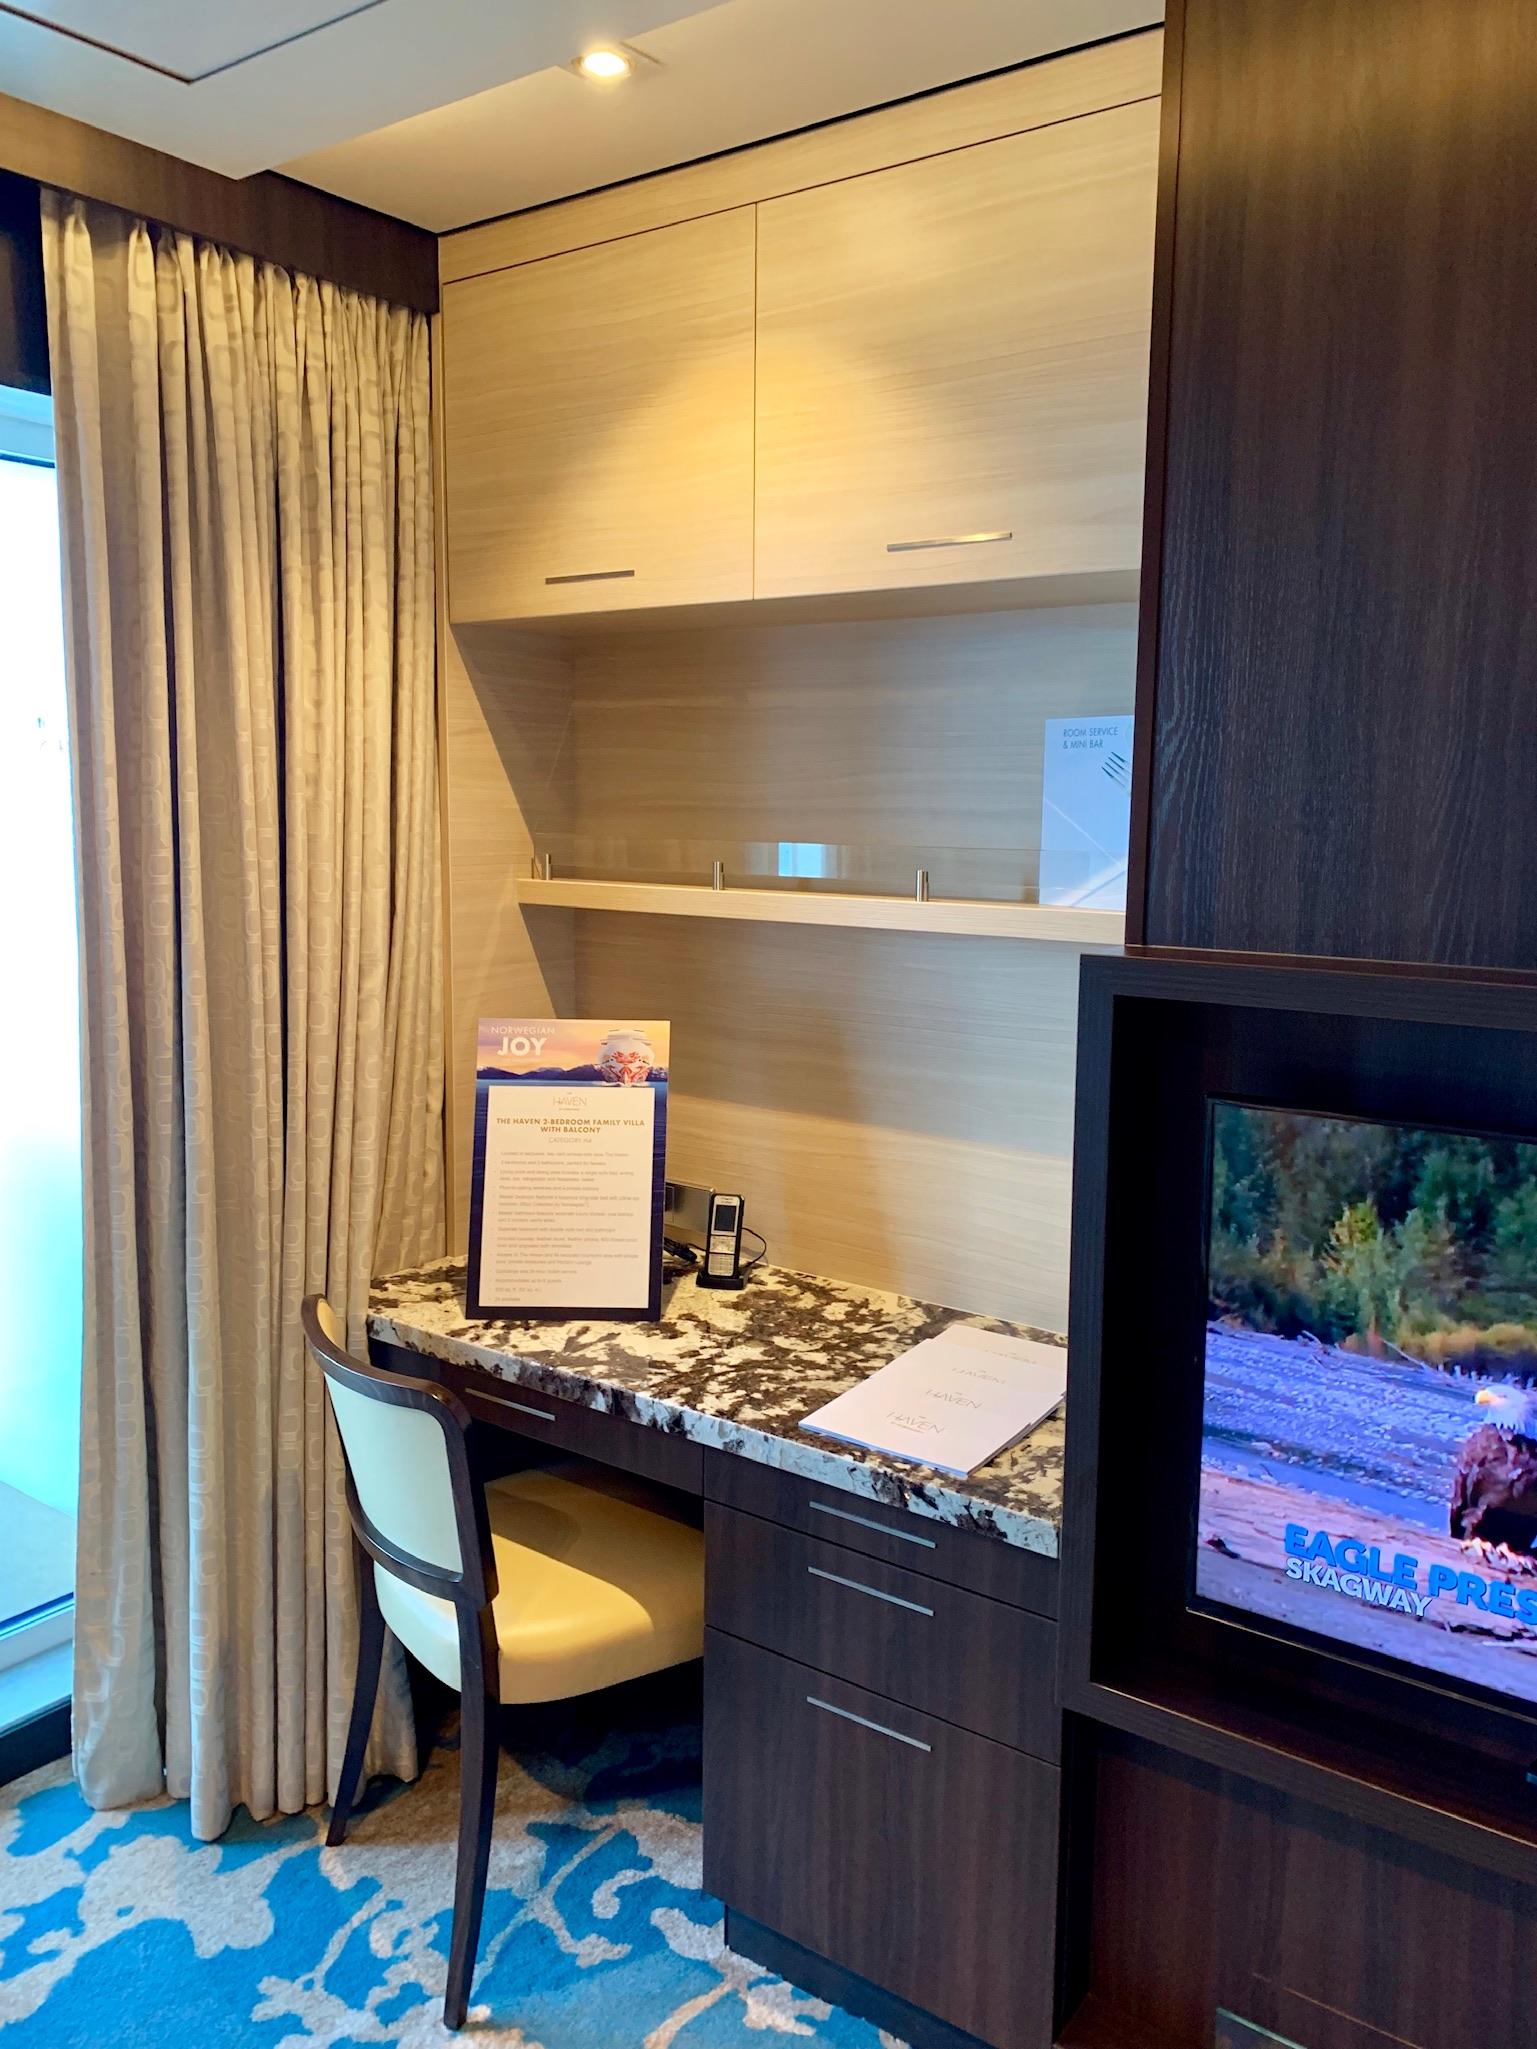 NCL Joy - Rooms - Haven 2 BR Family Villa Desk Media.jpg